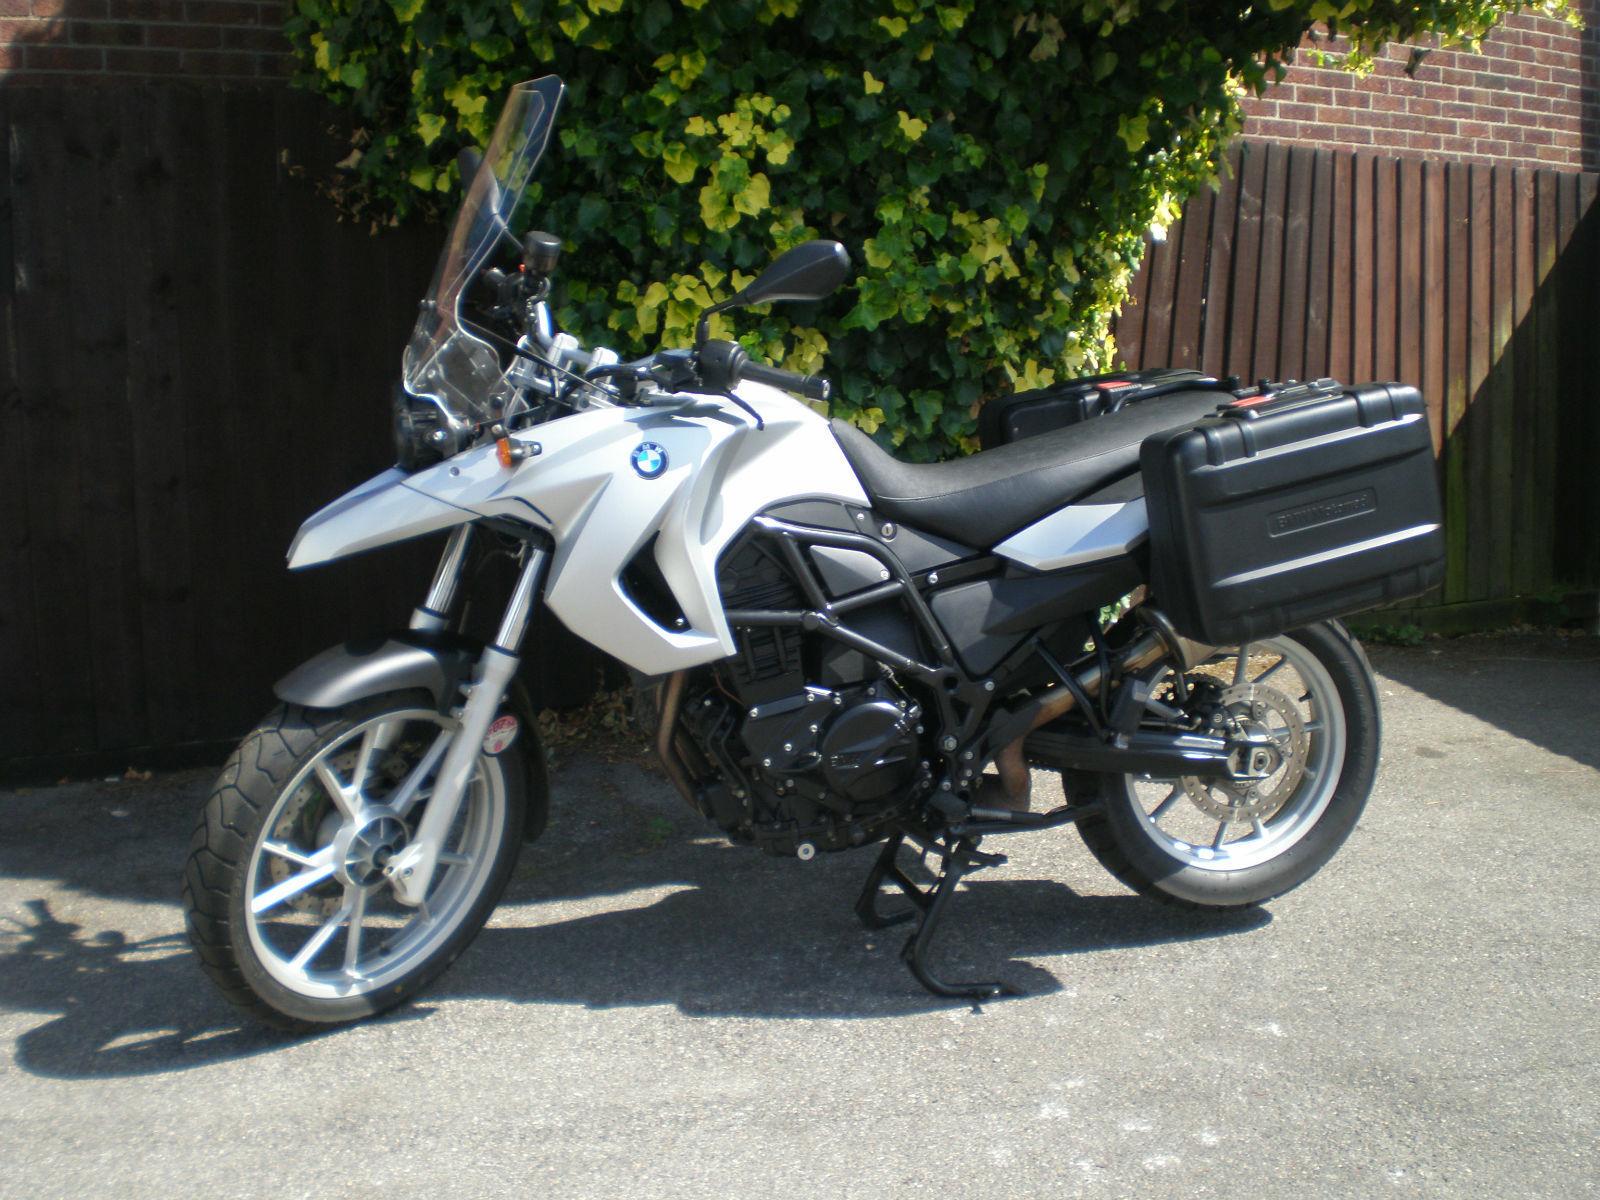 Bmw F 650 Gs 800cc